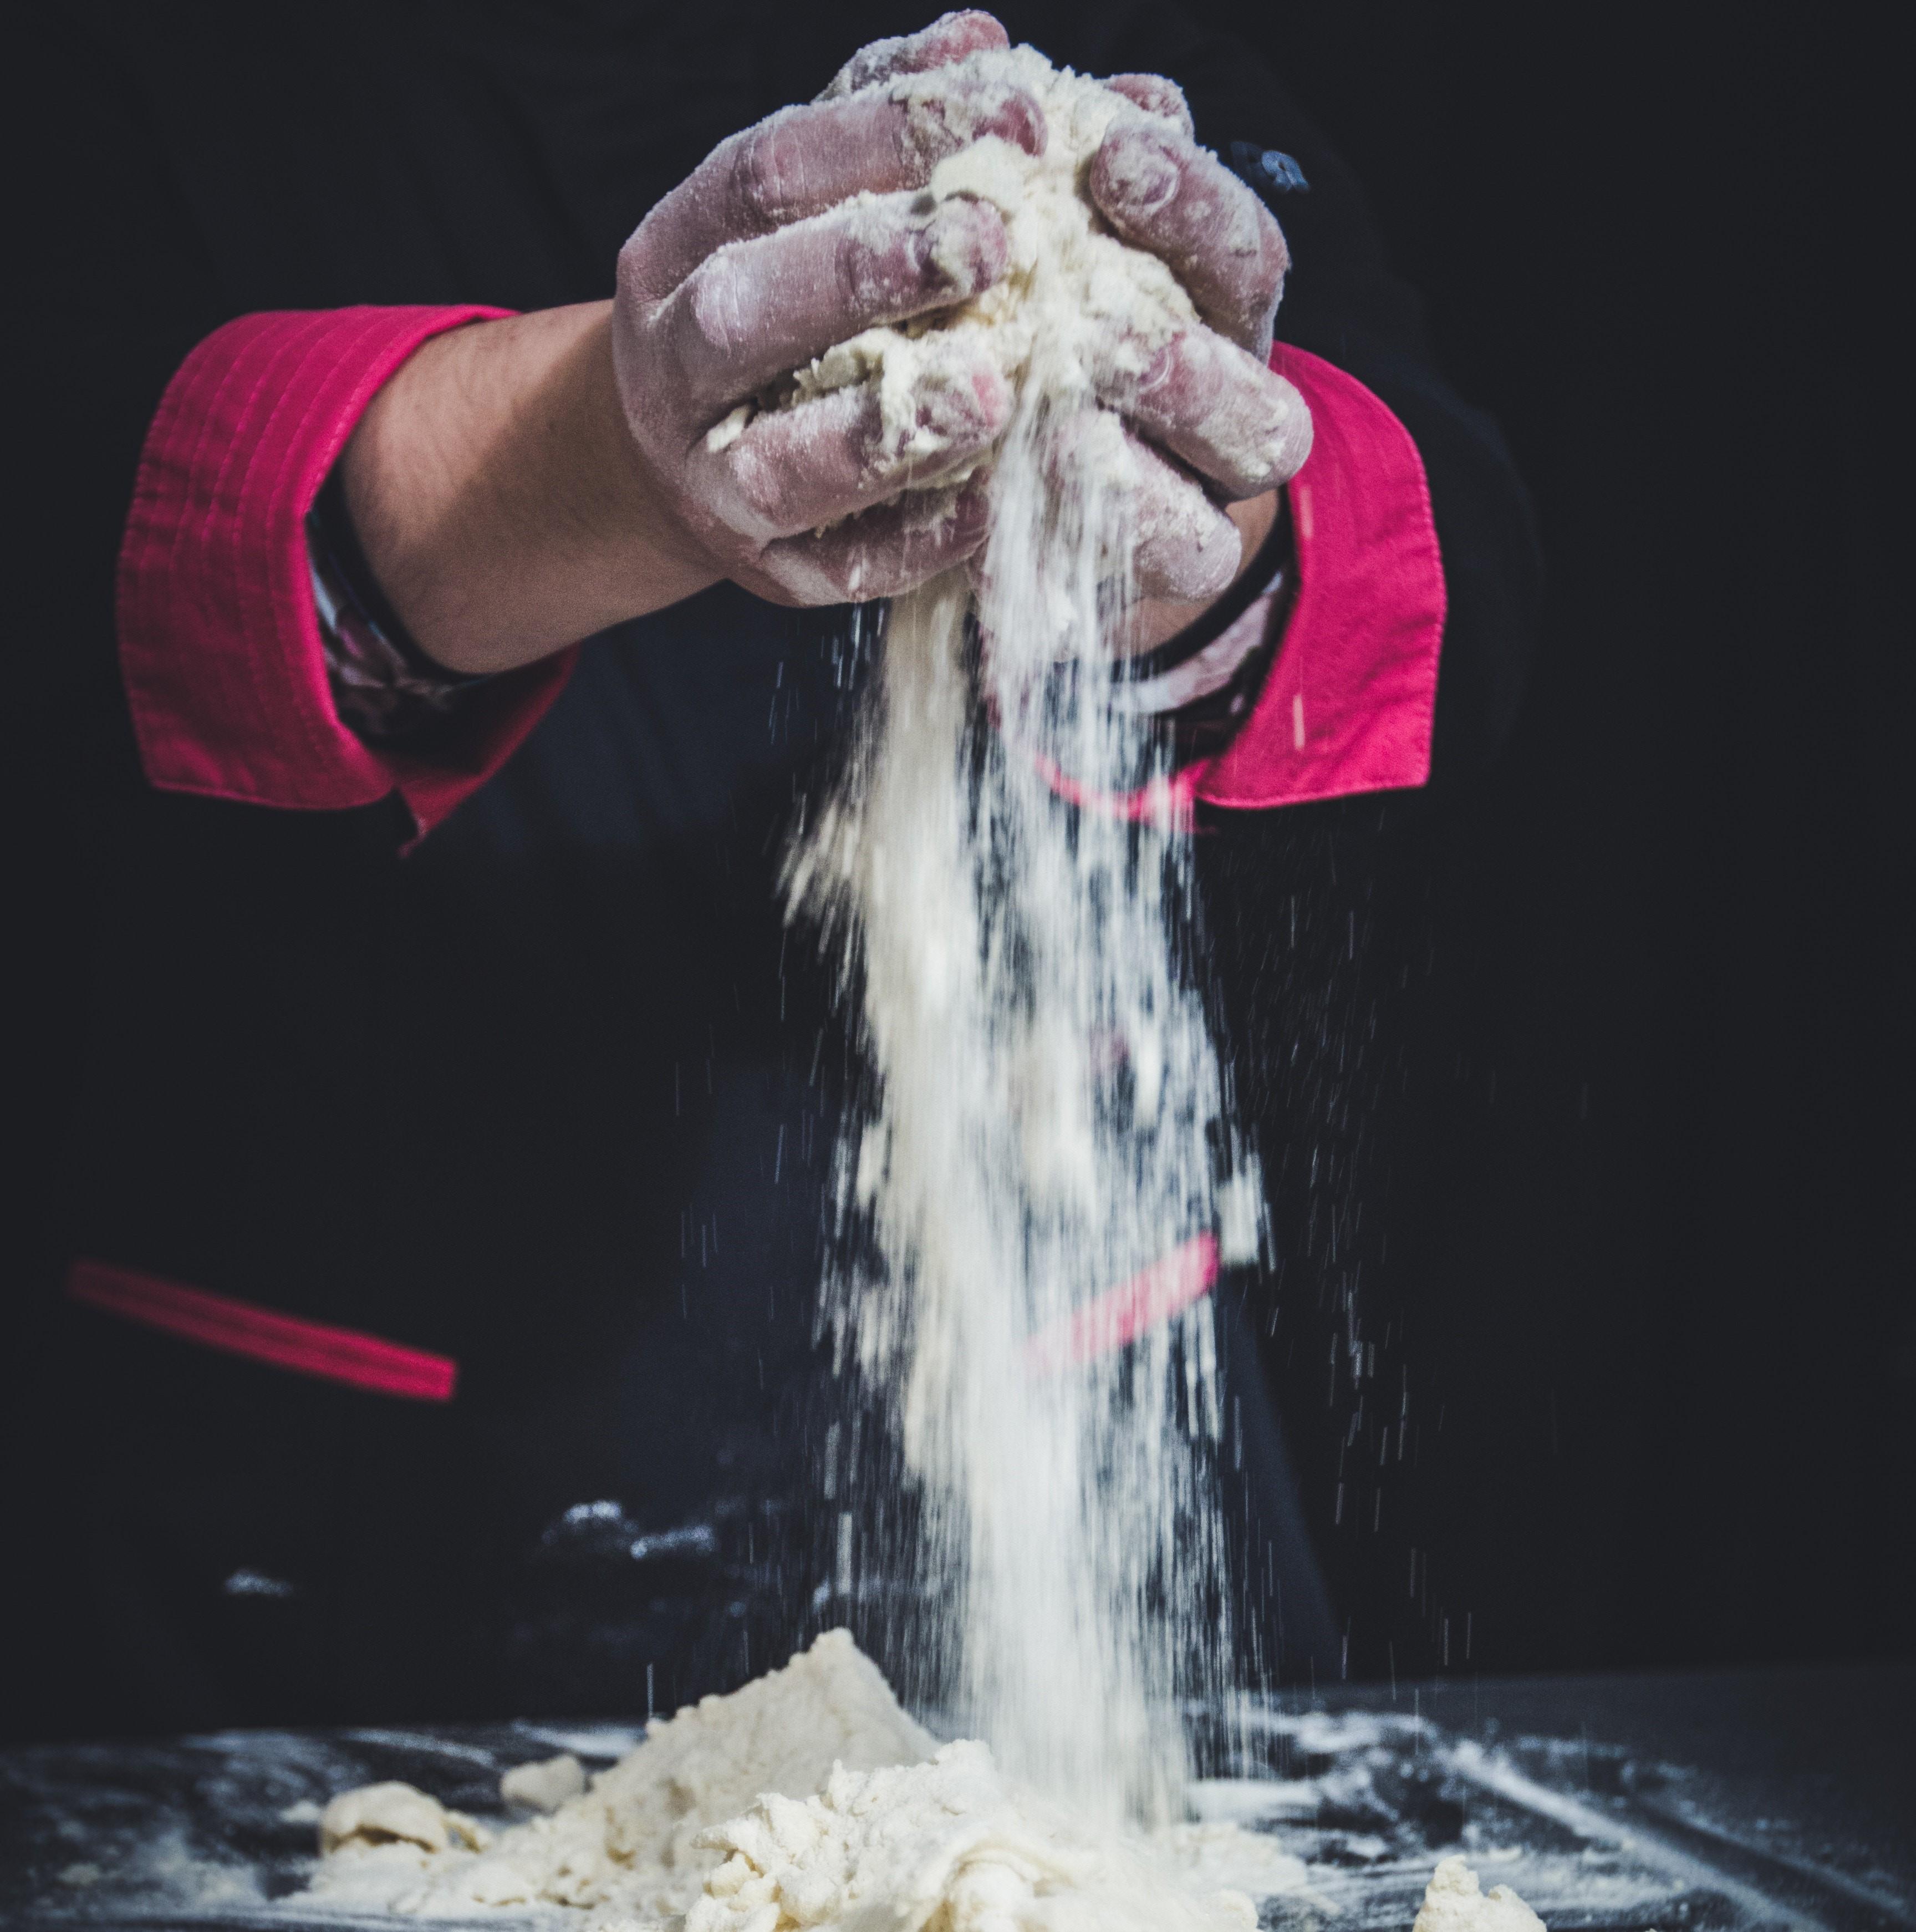 Avantajele si dezavantajele folosirii samponului pe baza de bicarbonat